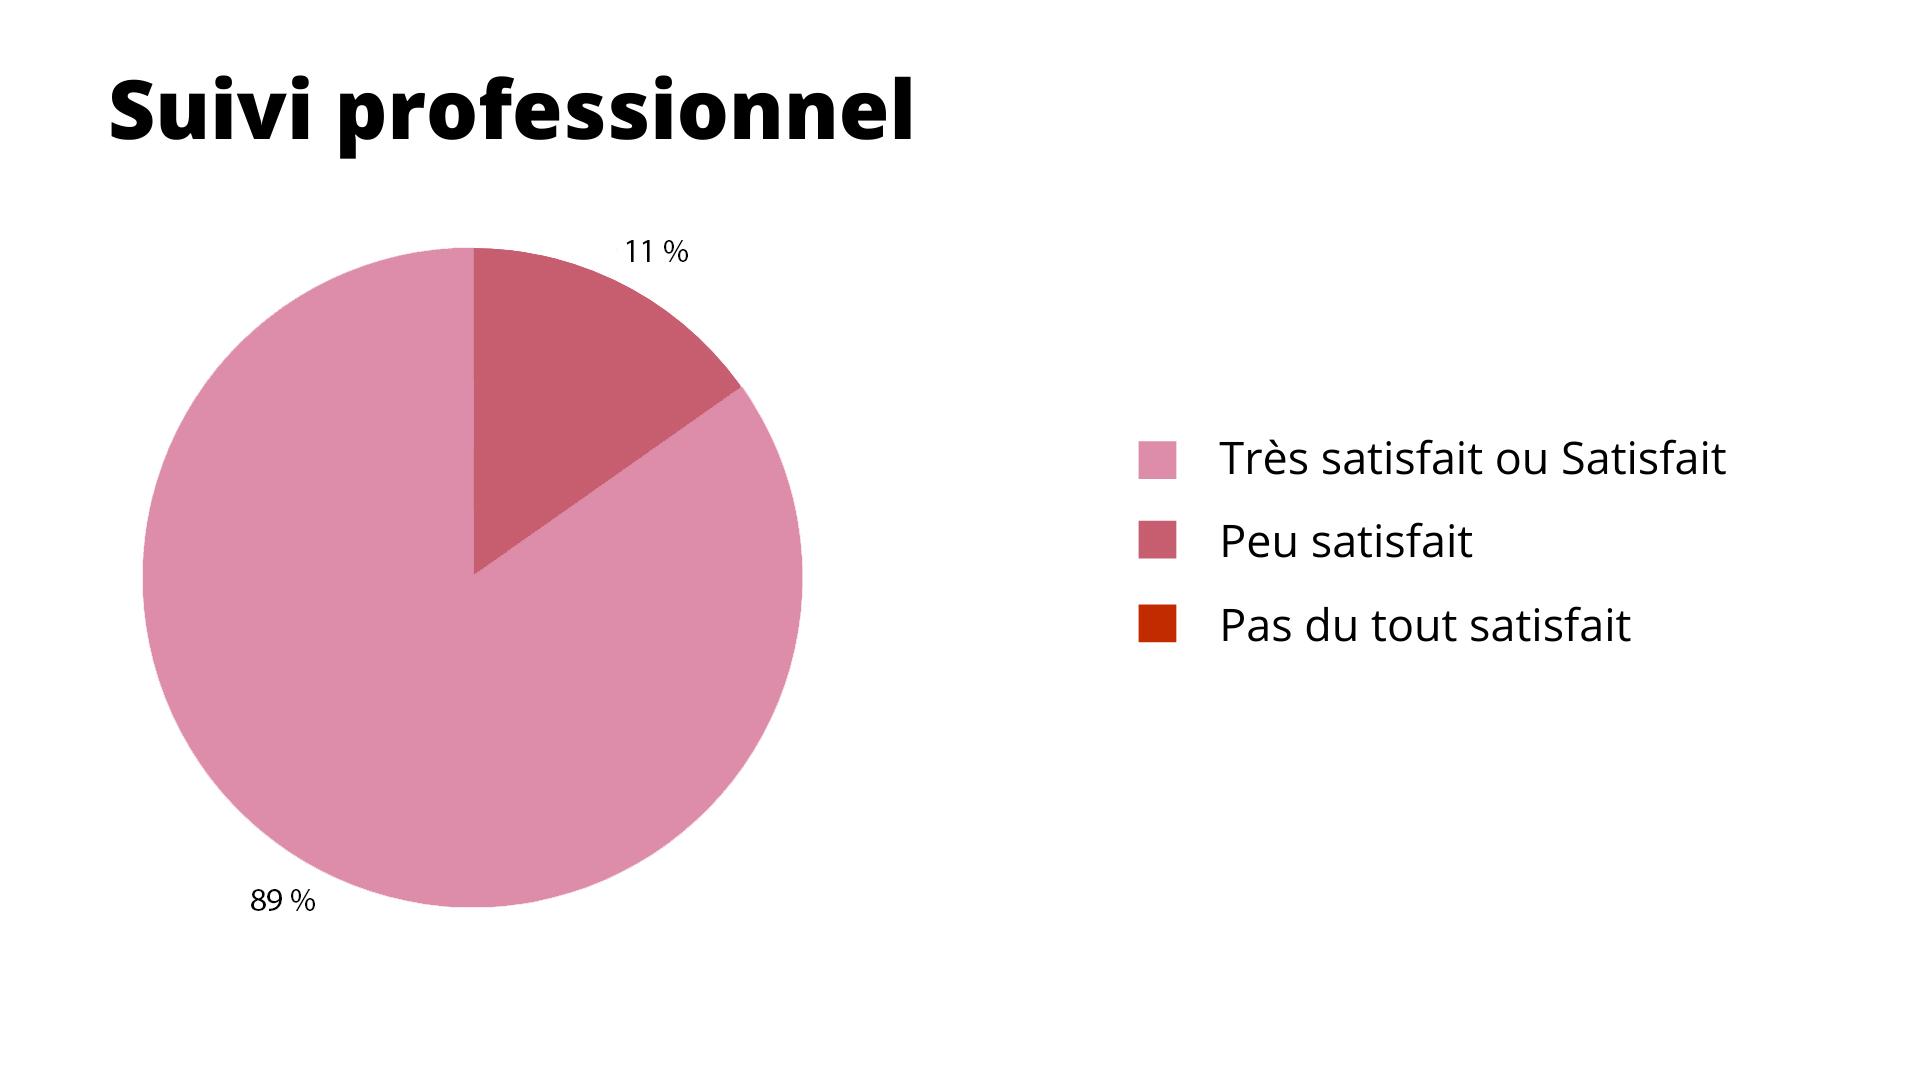 Résultat : Suivi professionnel